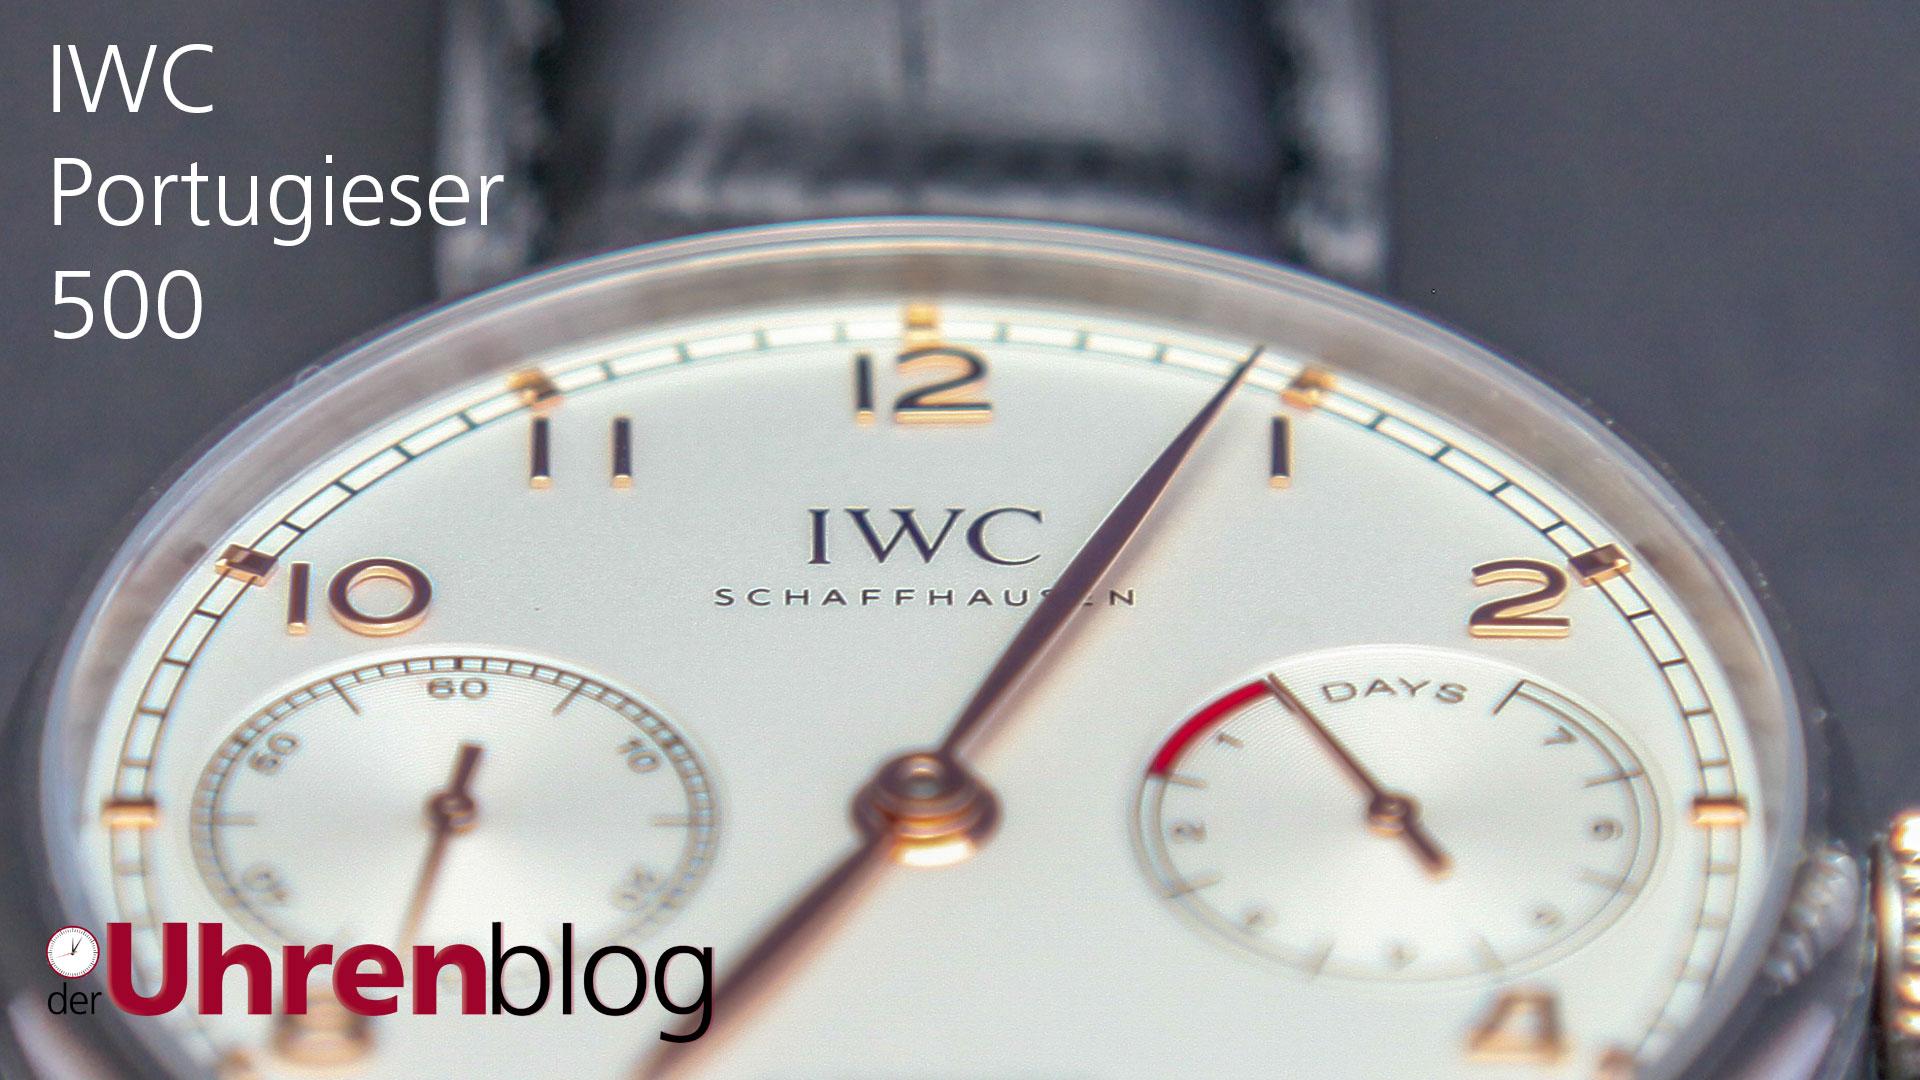 IWC Portugieser 500 von ZF